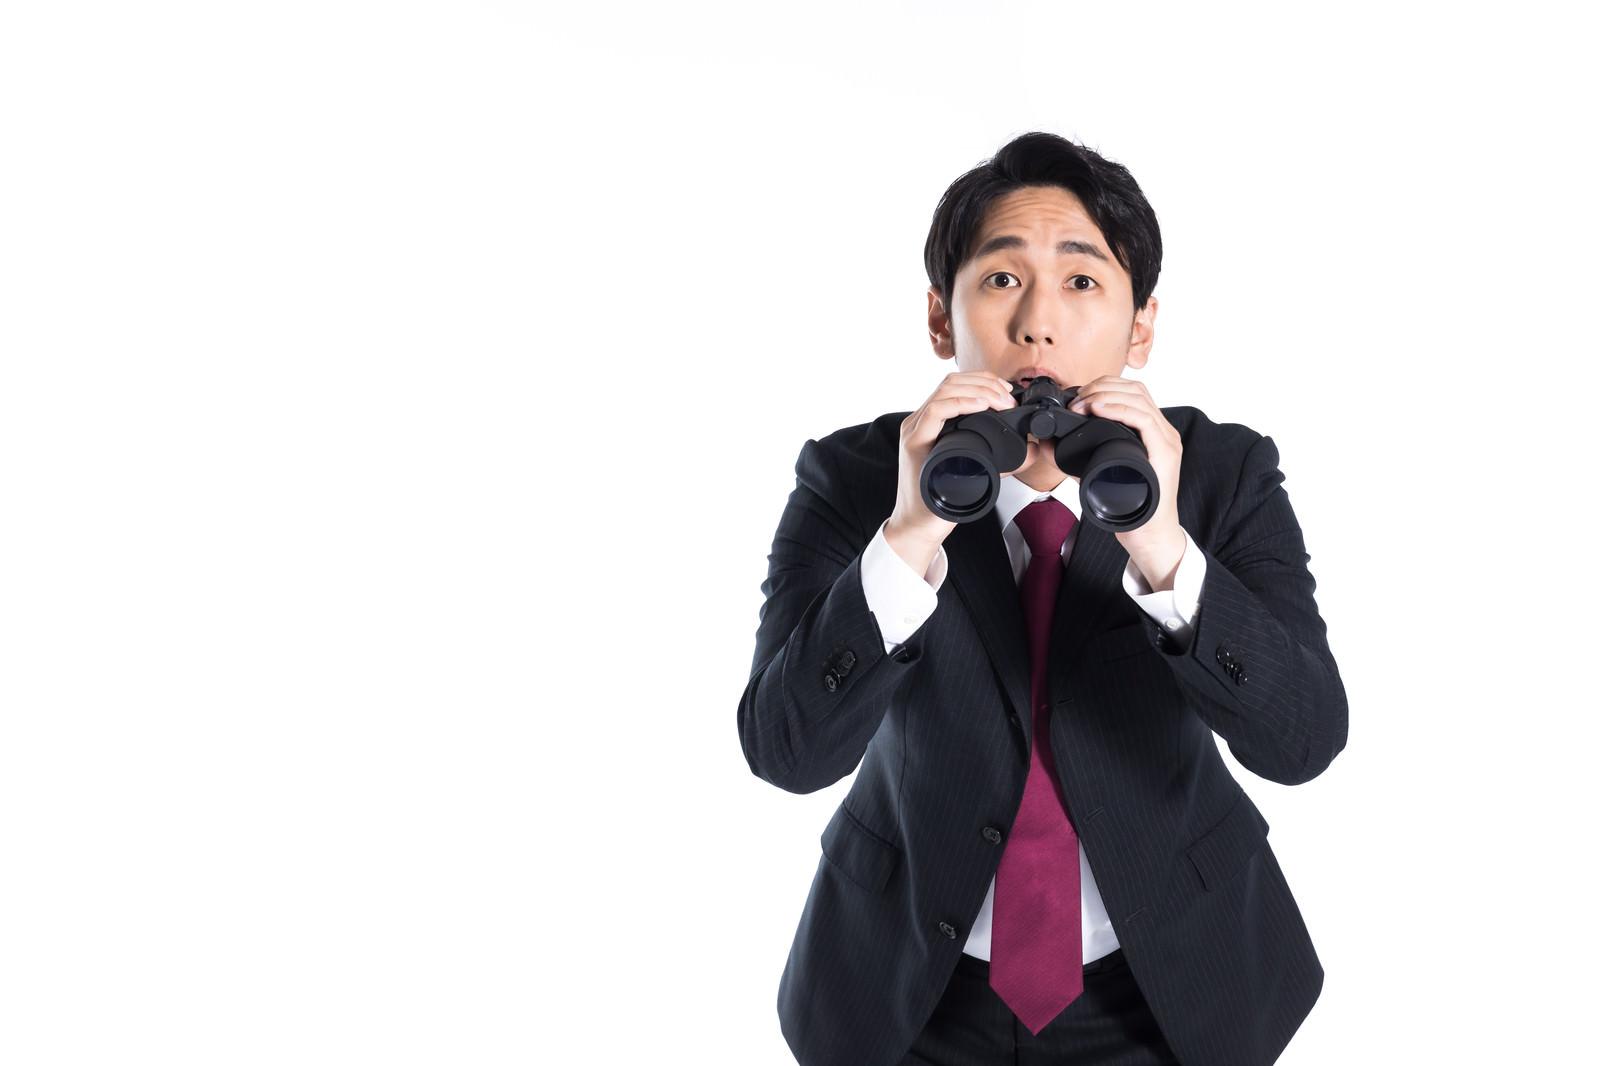 「双眼鏡からのひょっこり会社員」の写真[モデル:大川竜弥]